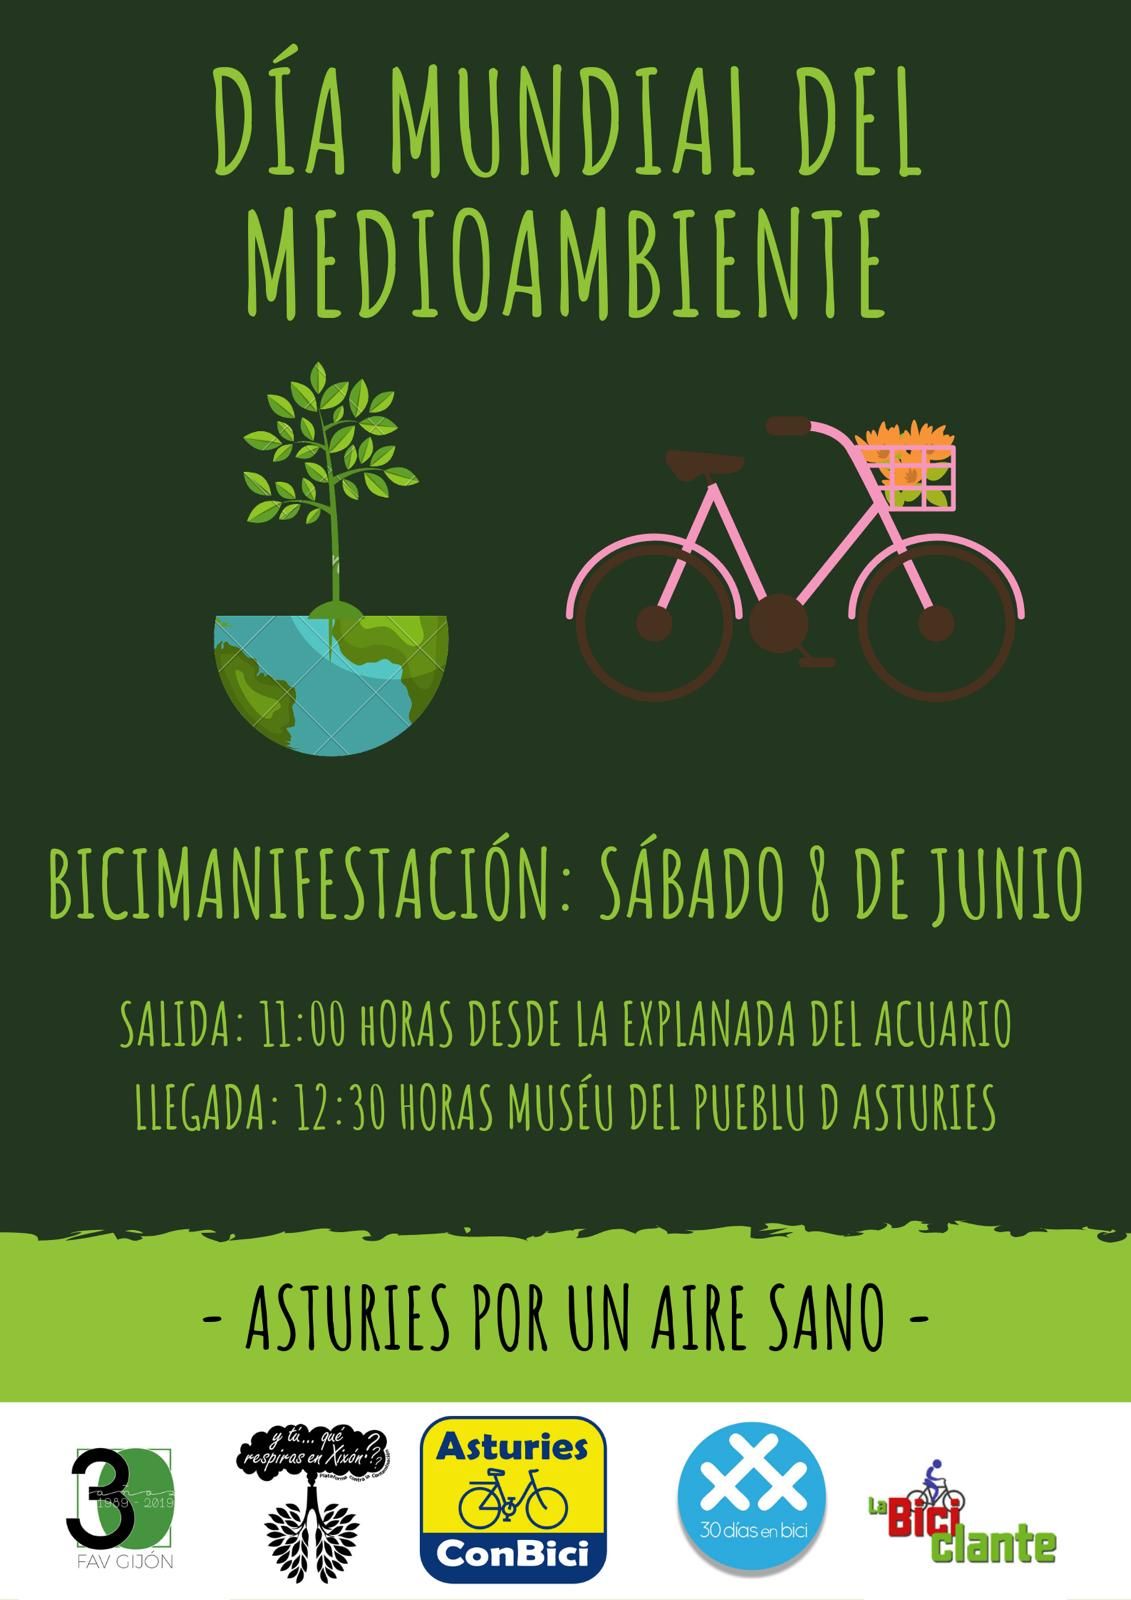 Cartel Día Mundial del Medio Ambiente 2019 - - 30 Días en Bici Gijón